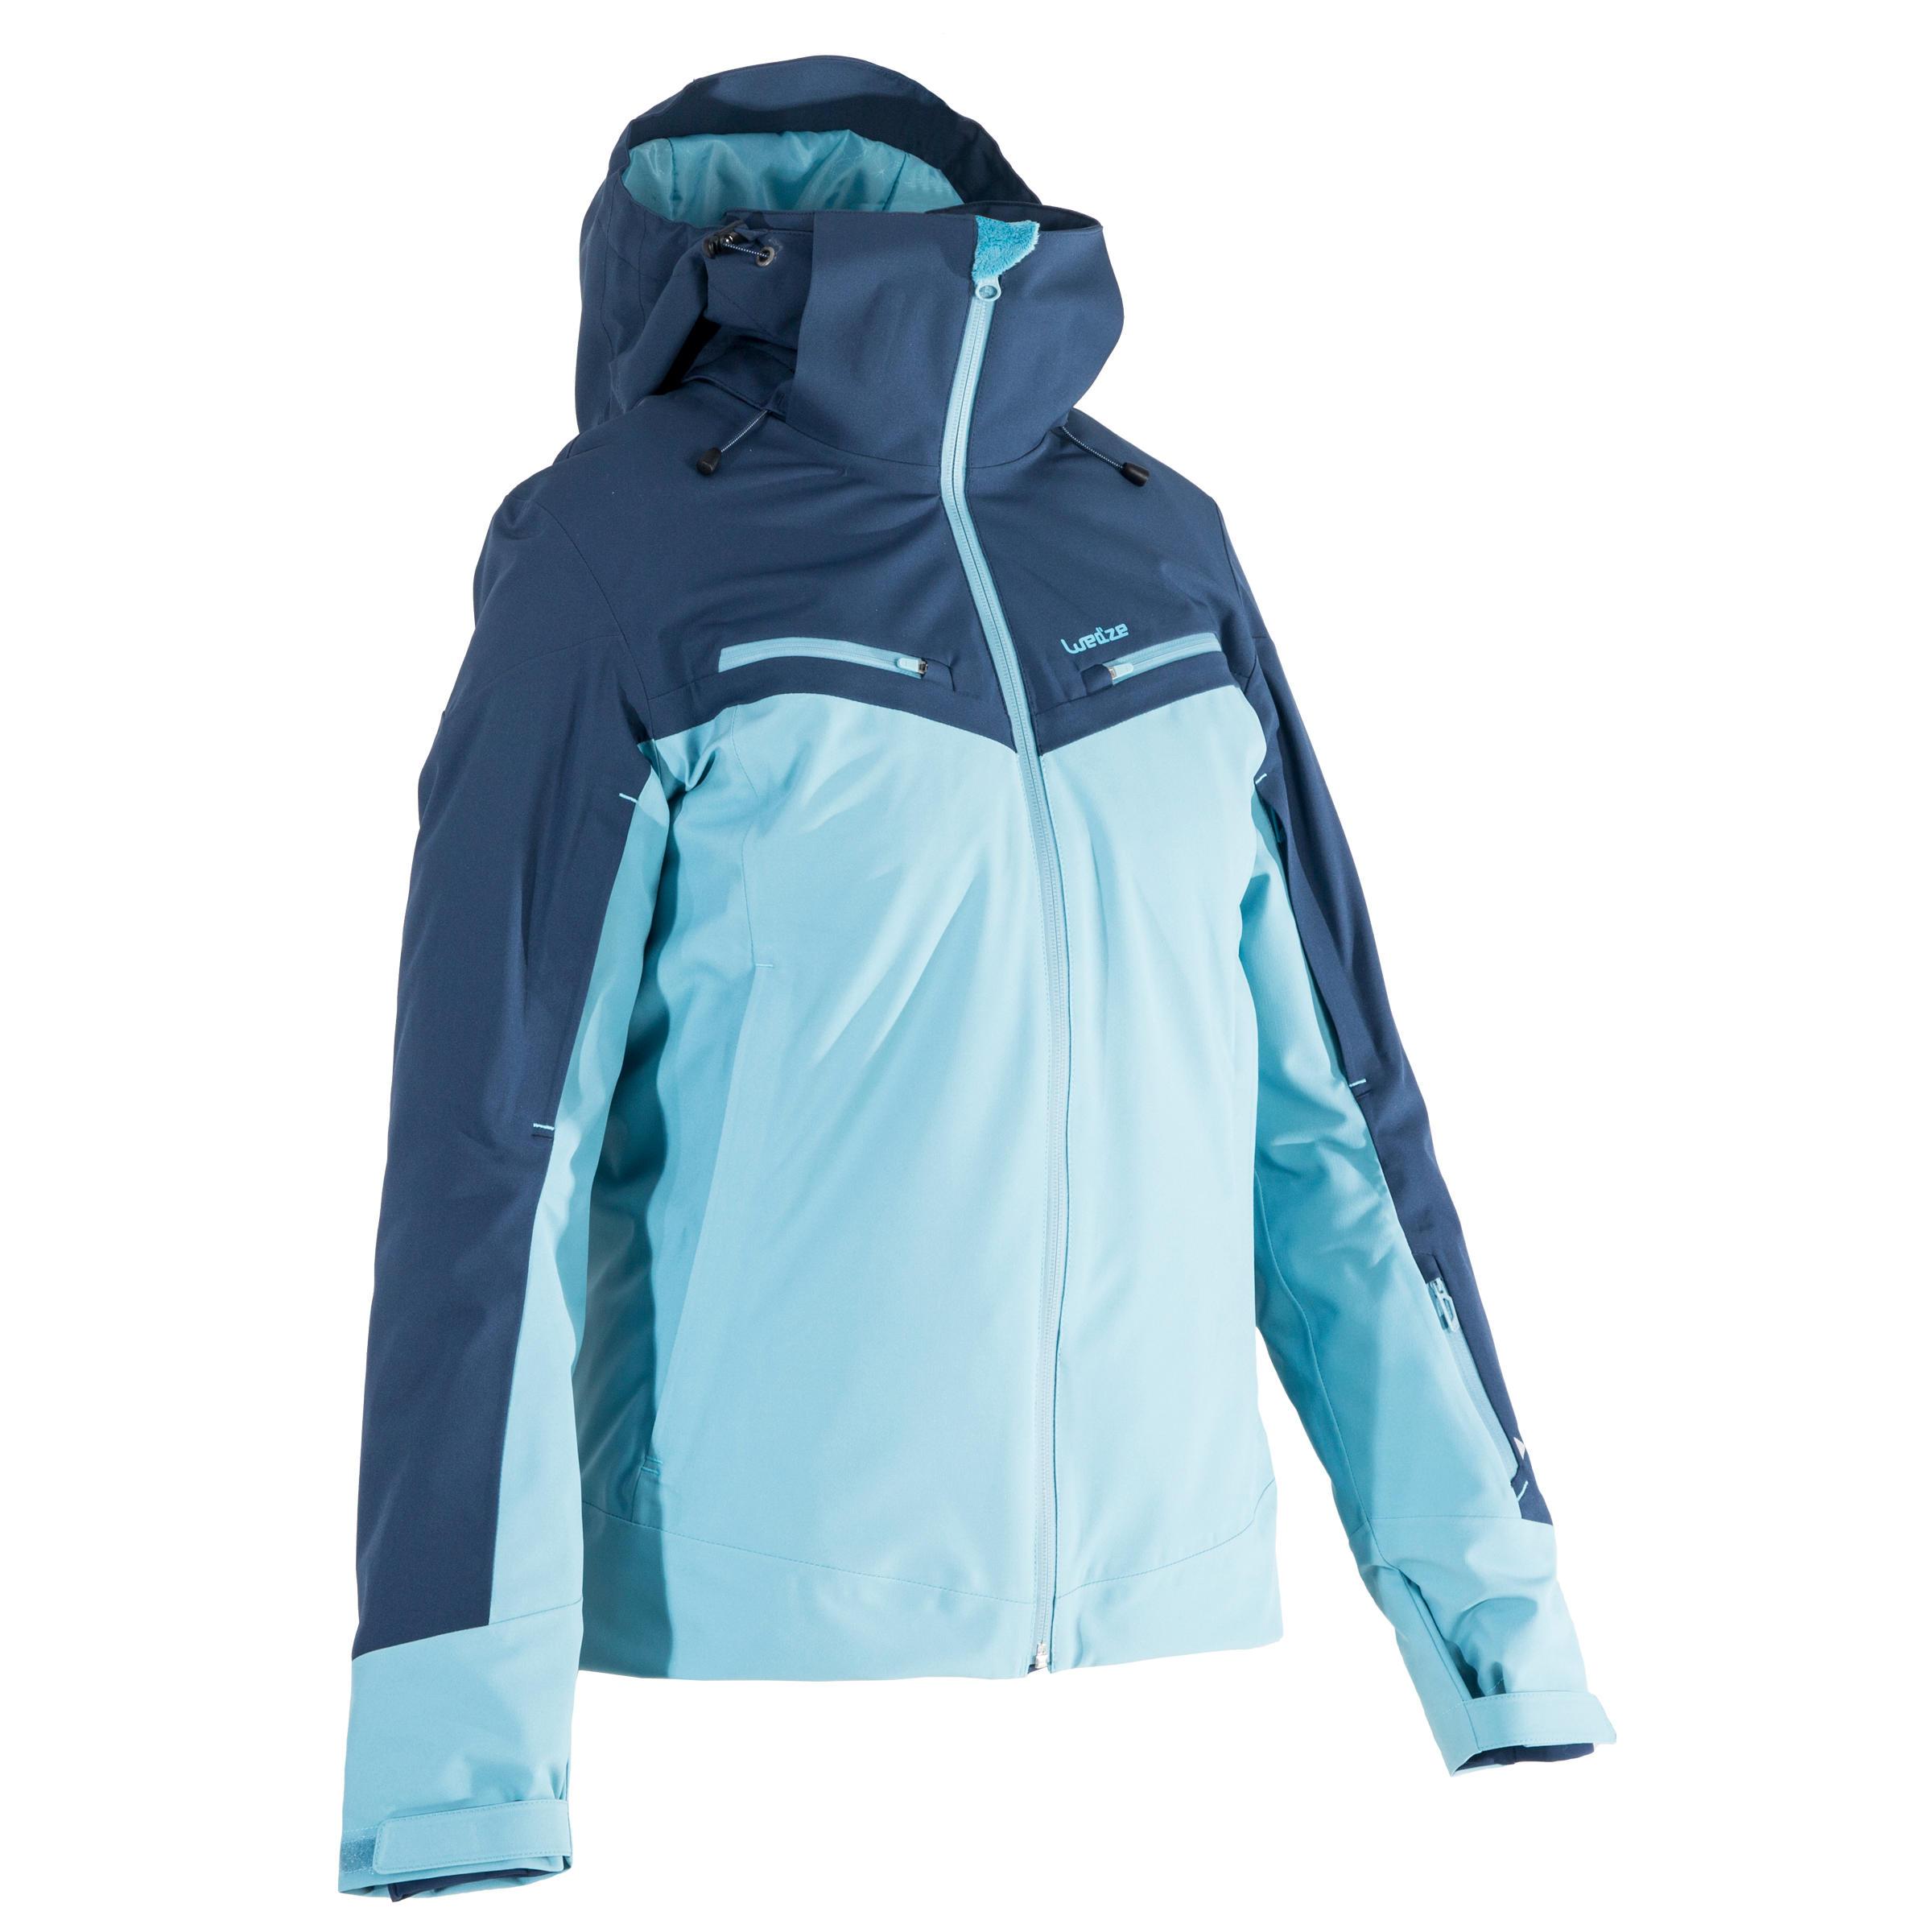 Manteau de ski toute montagne femme AM900 Bleue